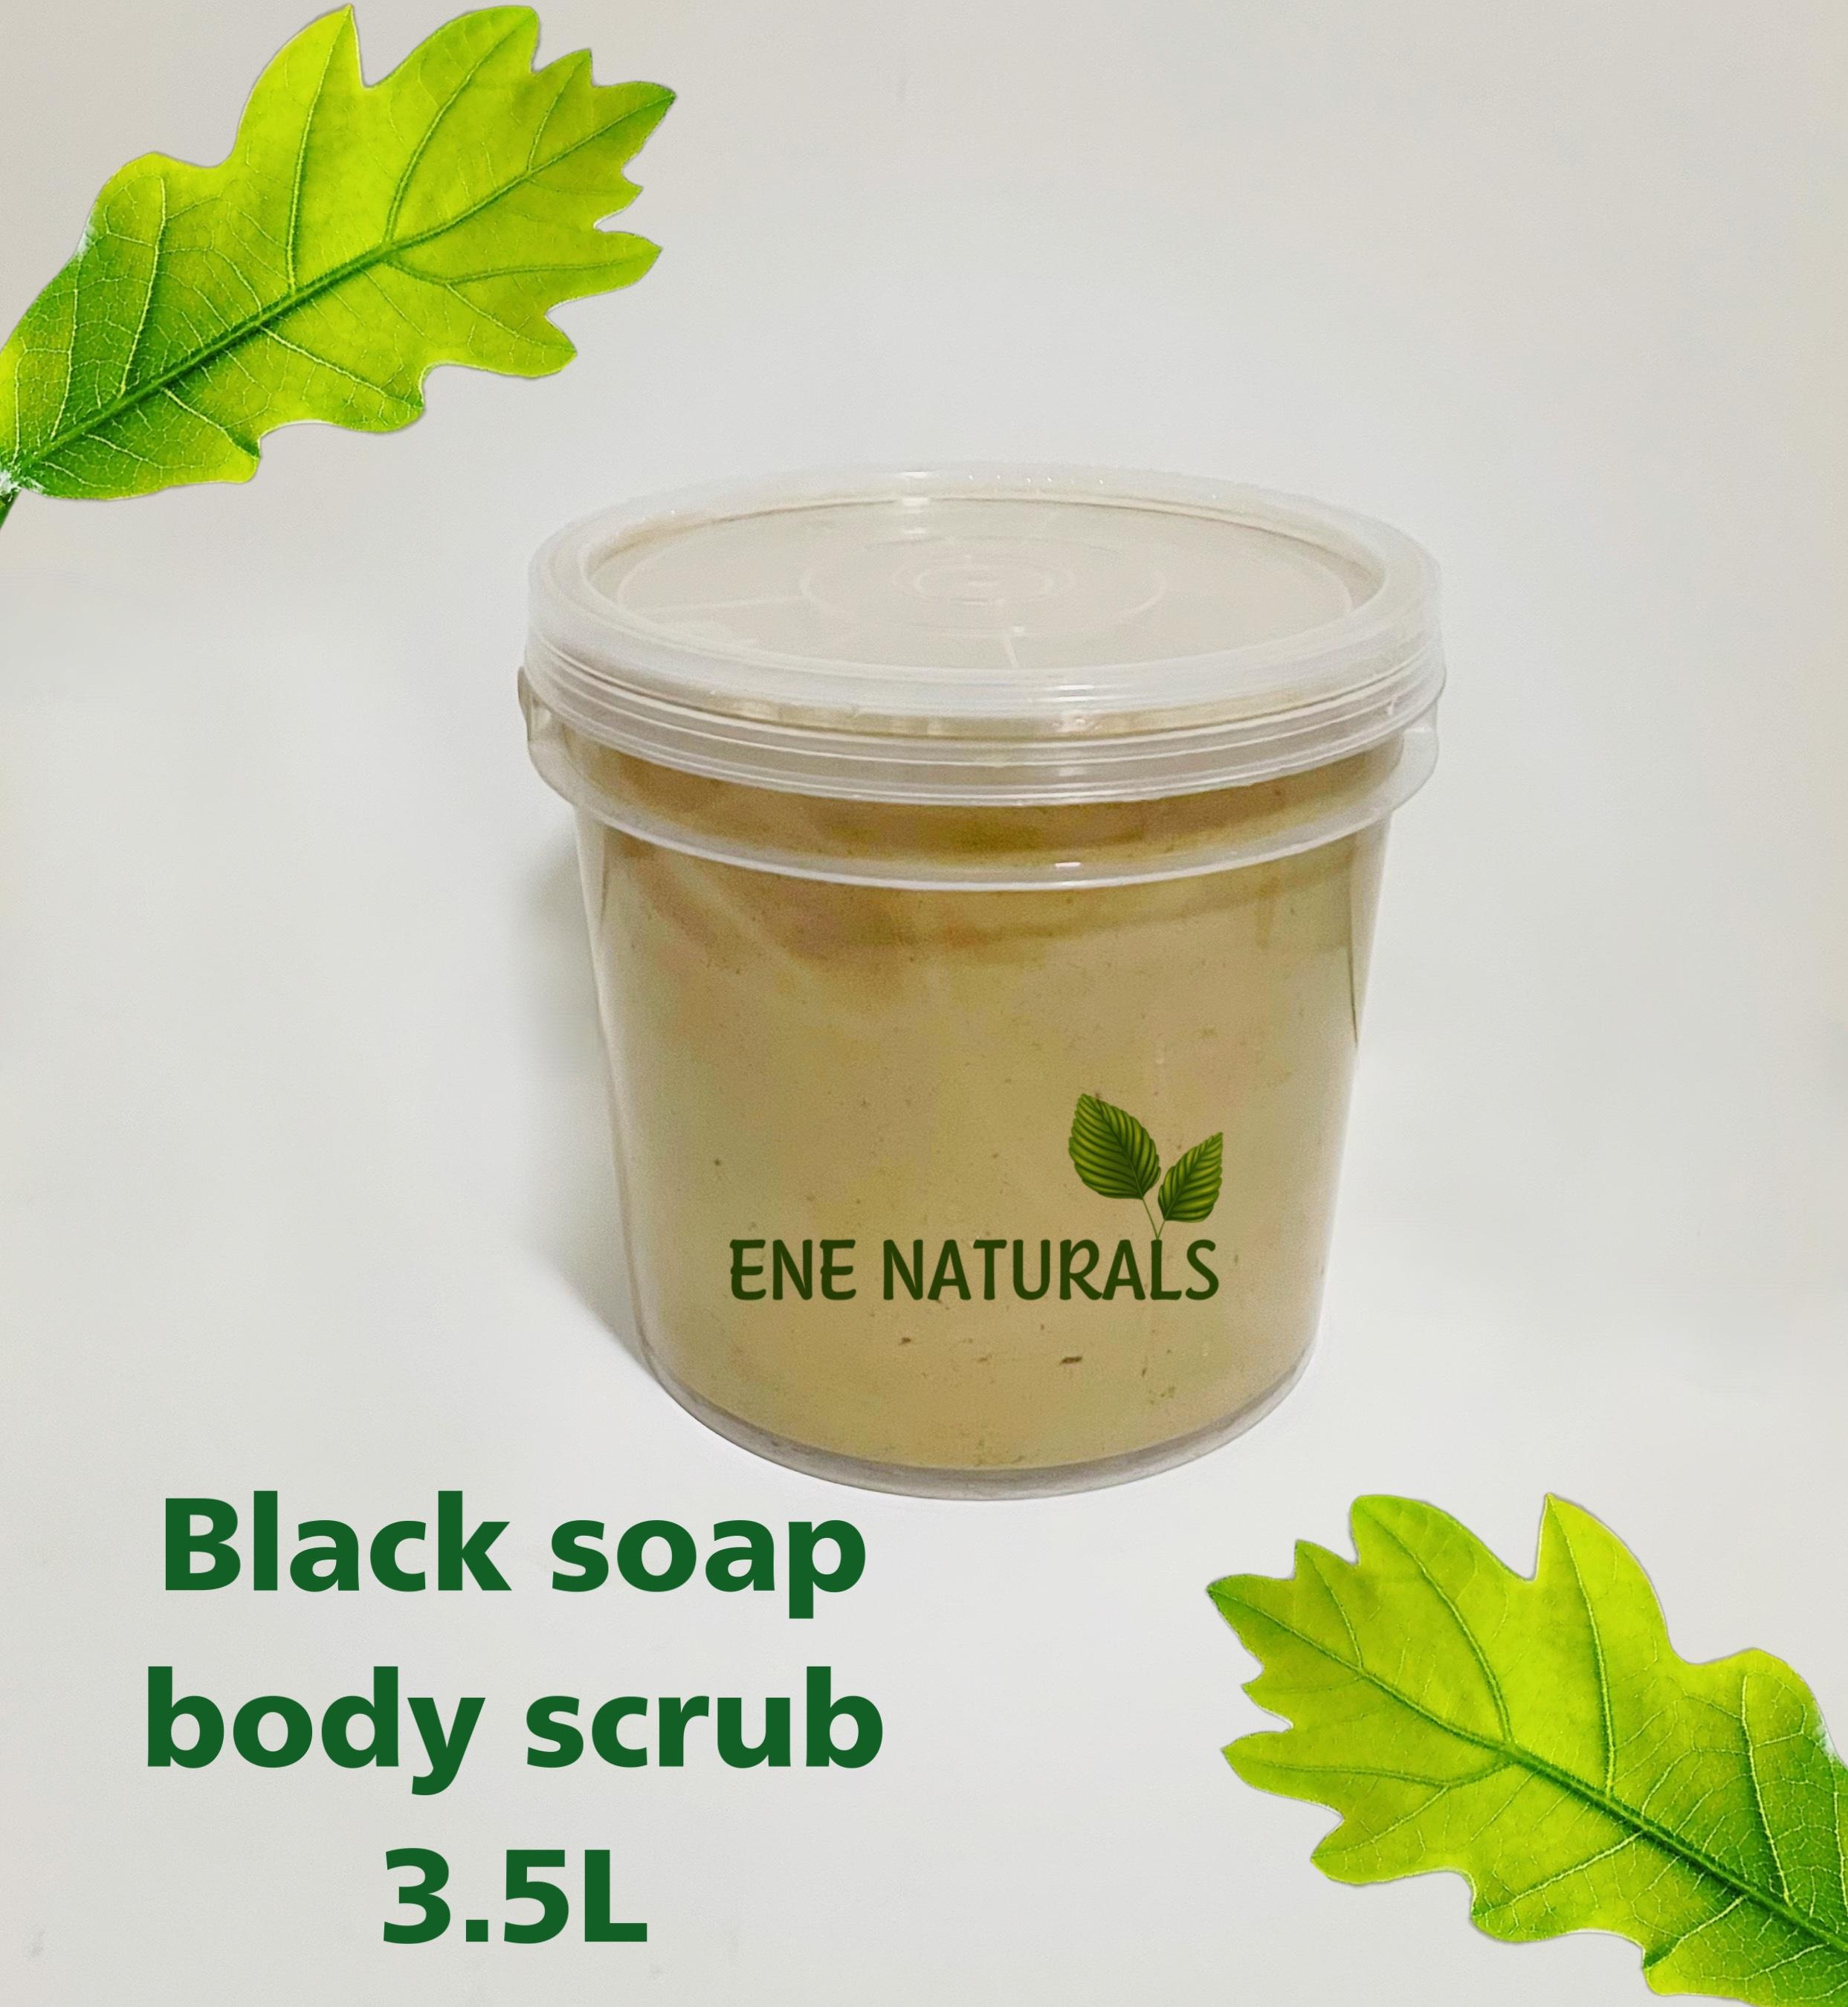 black soap body scrub manufacturer